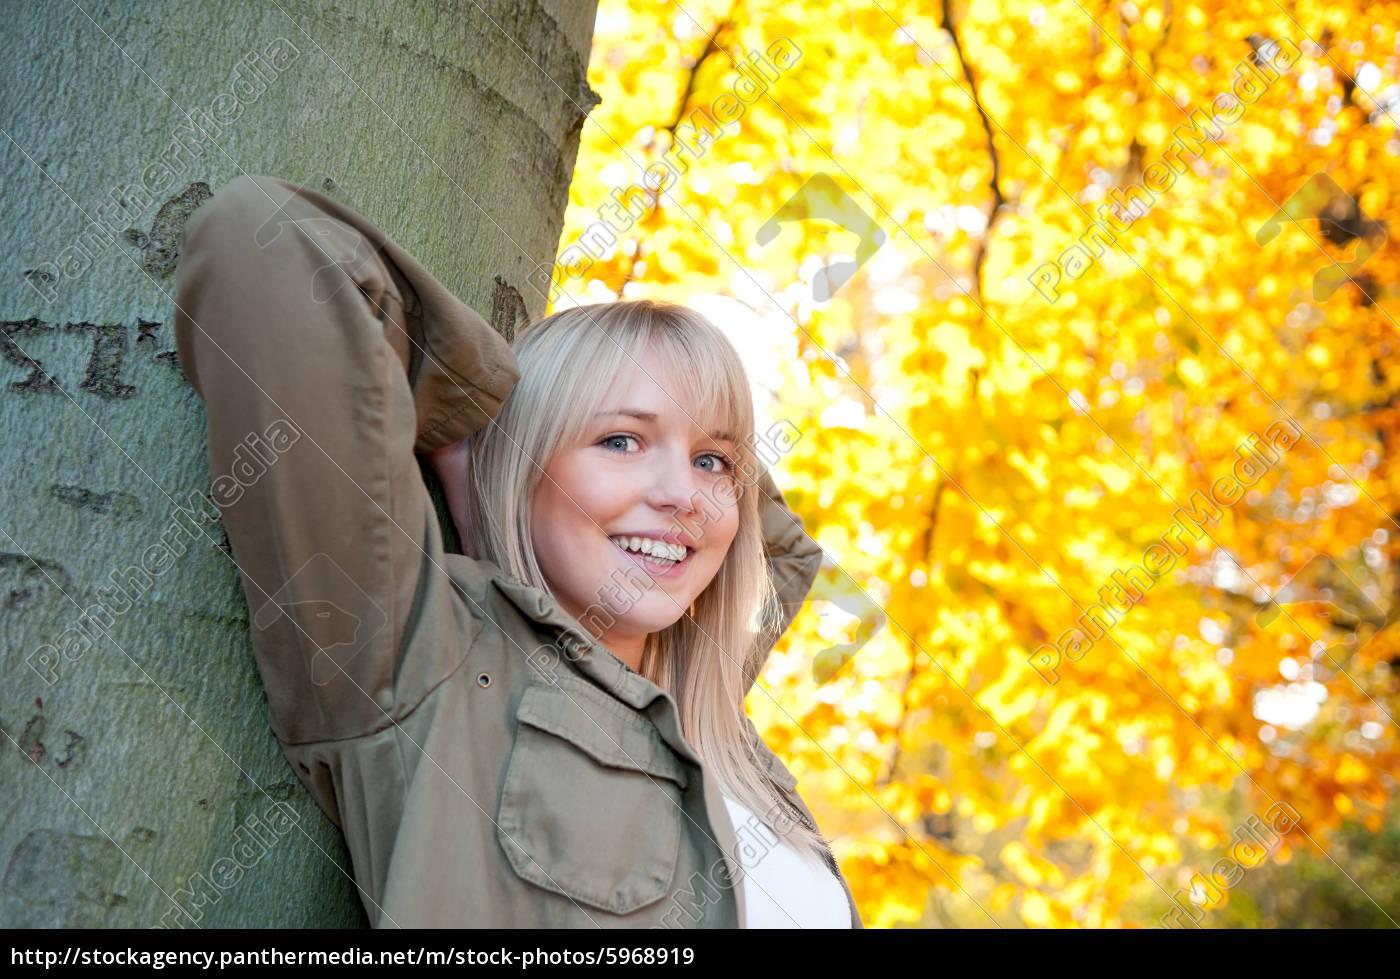 jovem, está, em, uma, árvore - 5968919